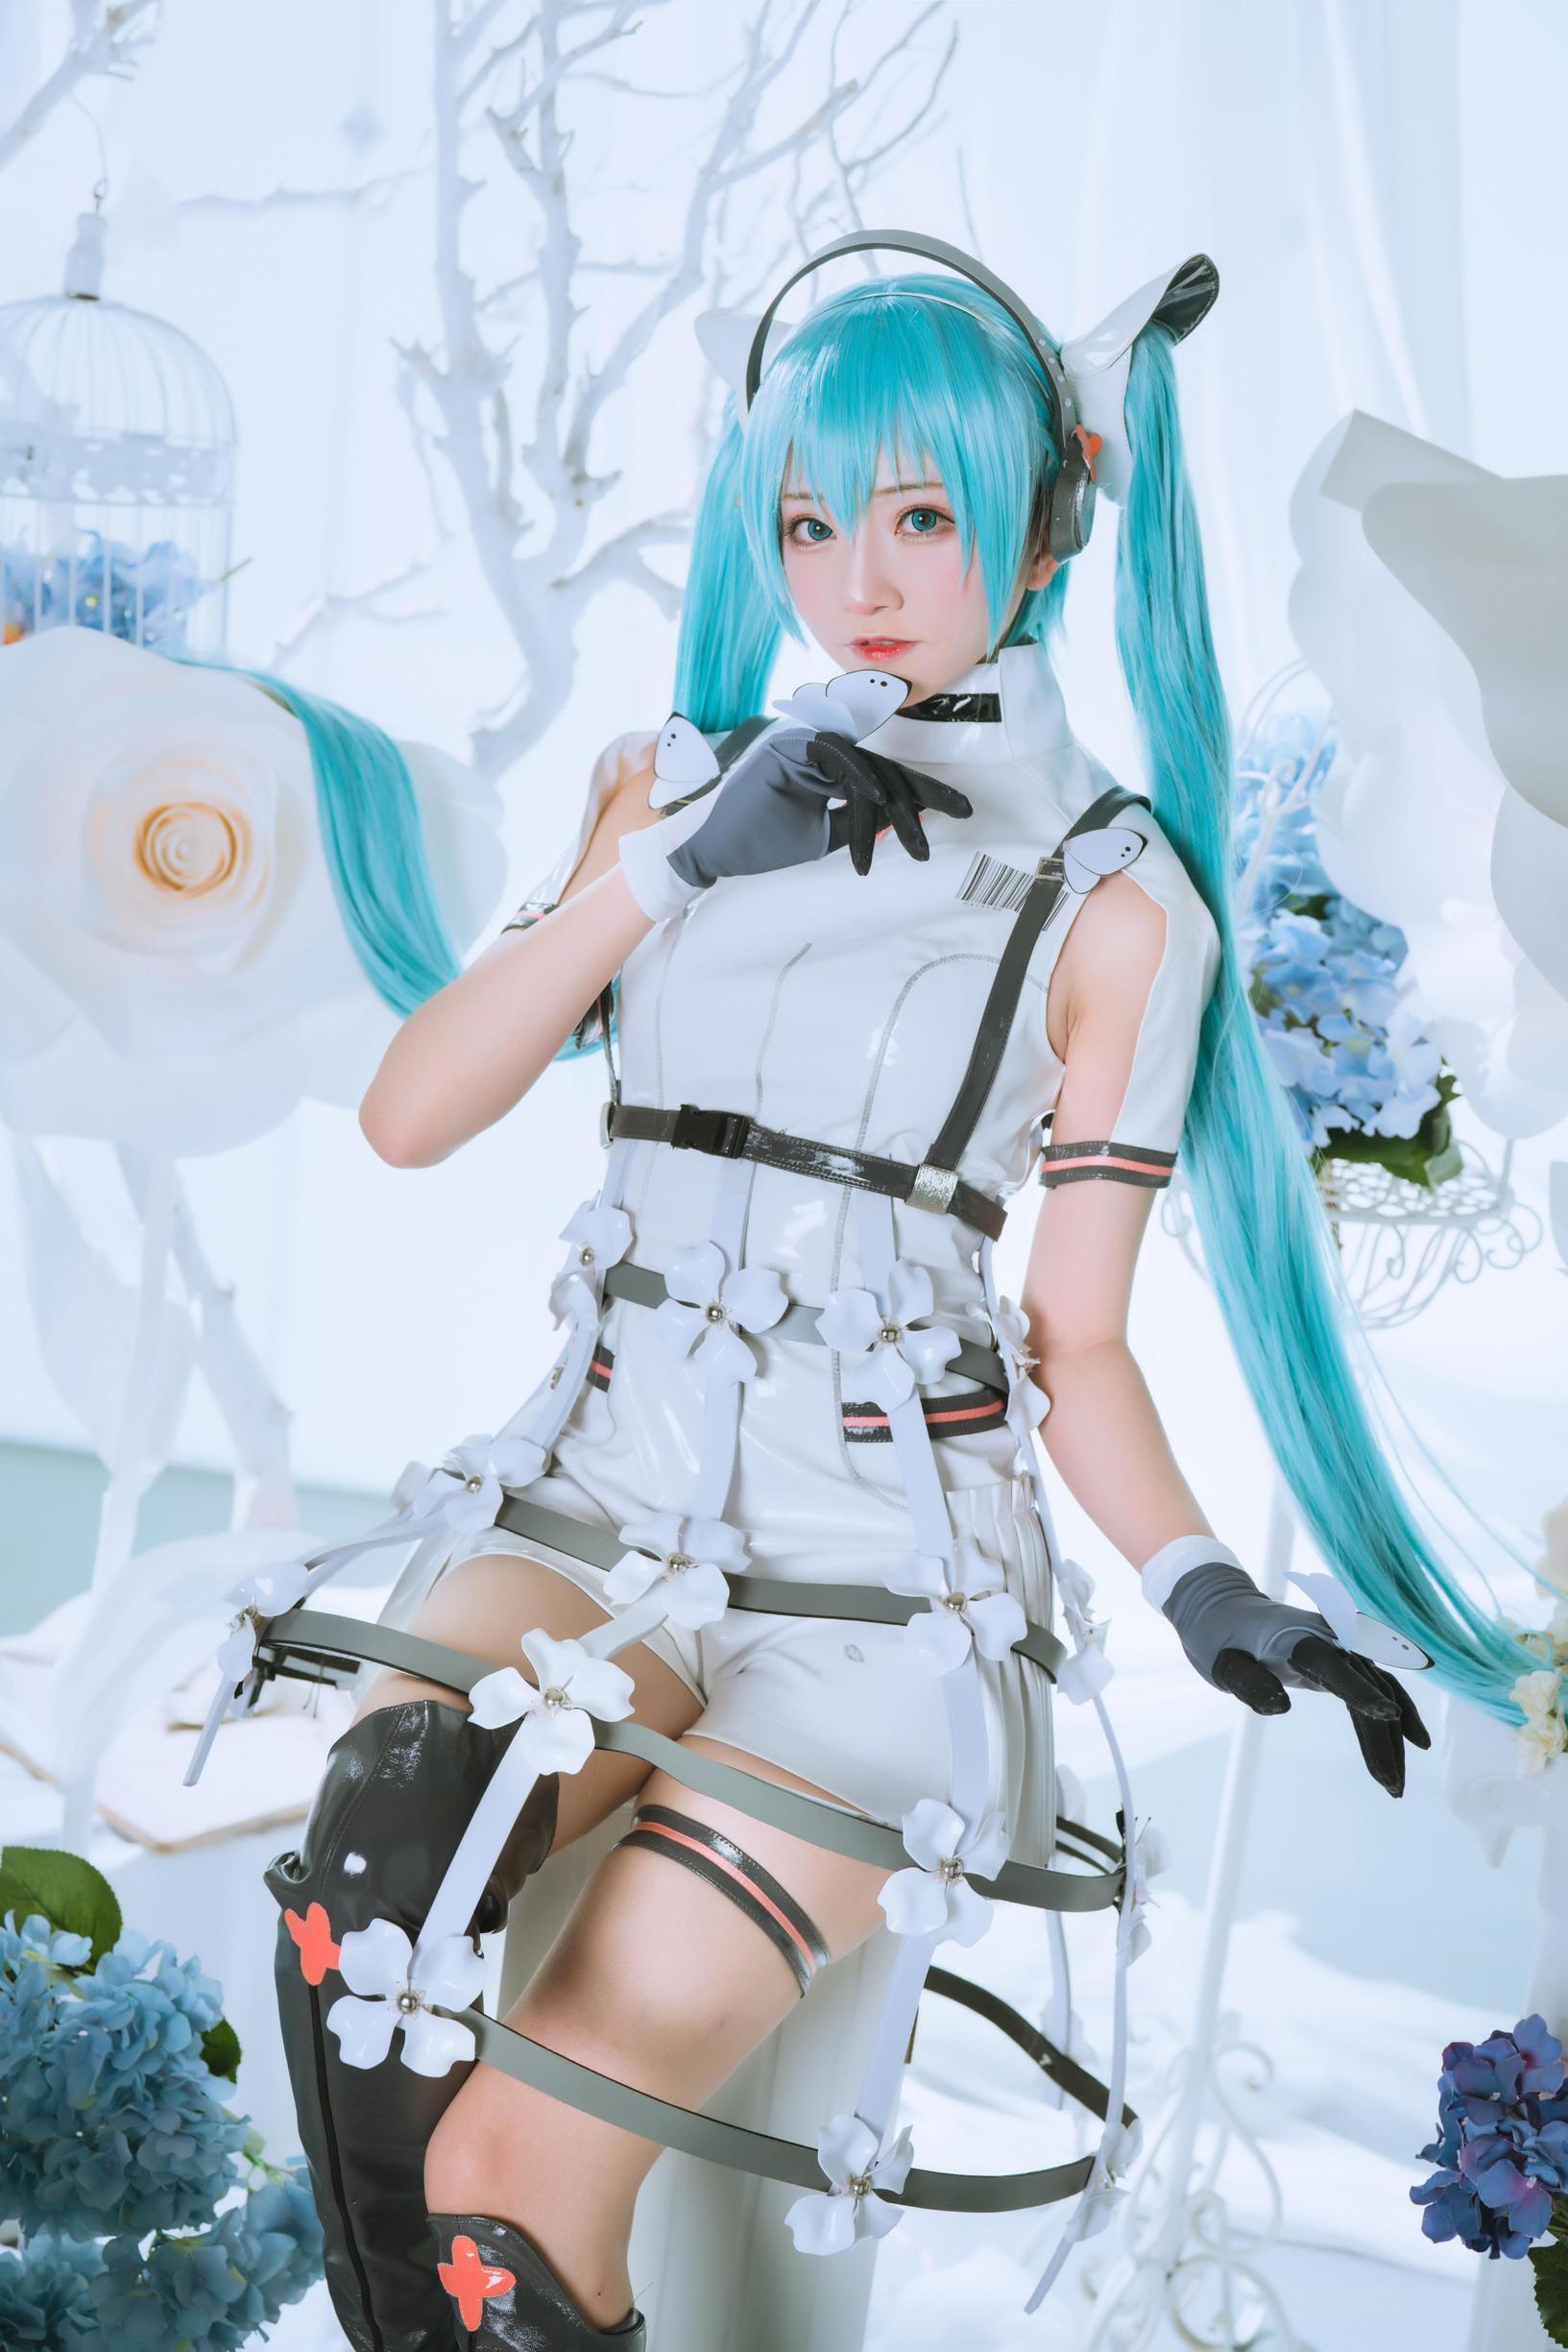 少女cosplay【CN:Kitaro_绮太郎】-第14张